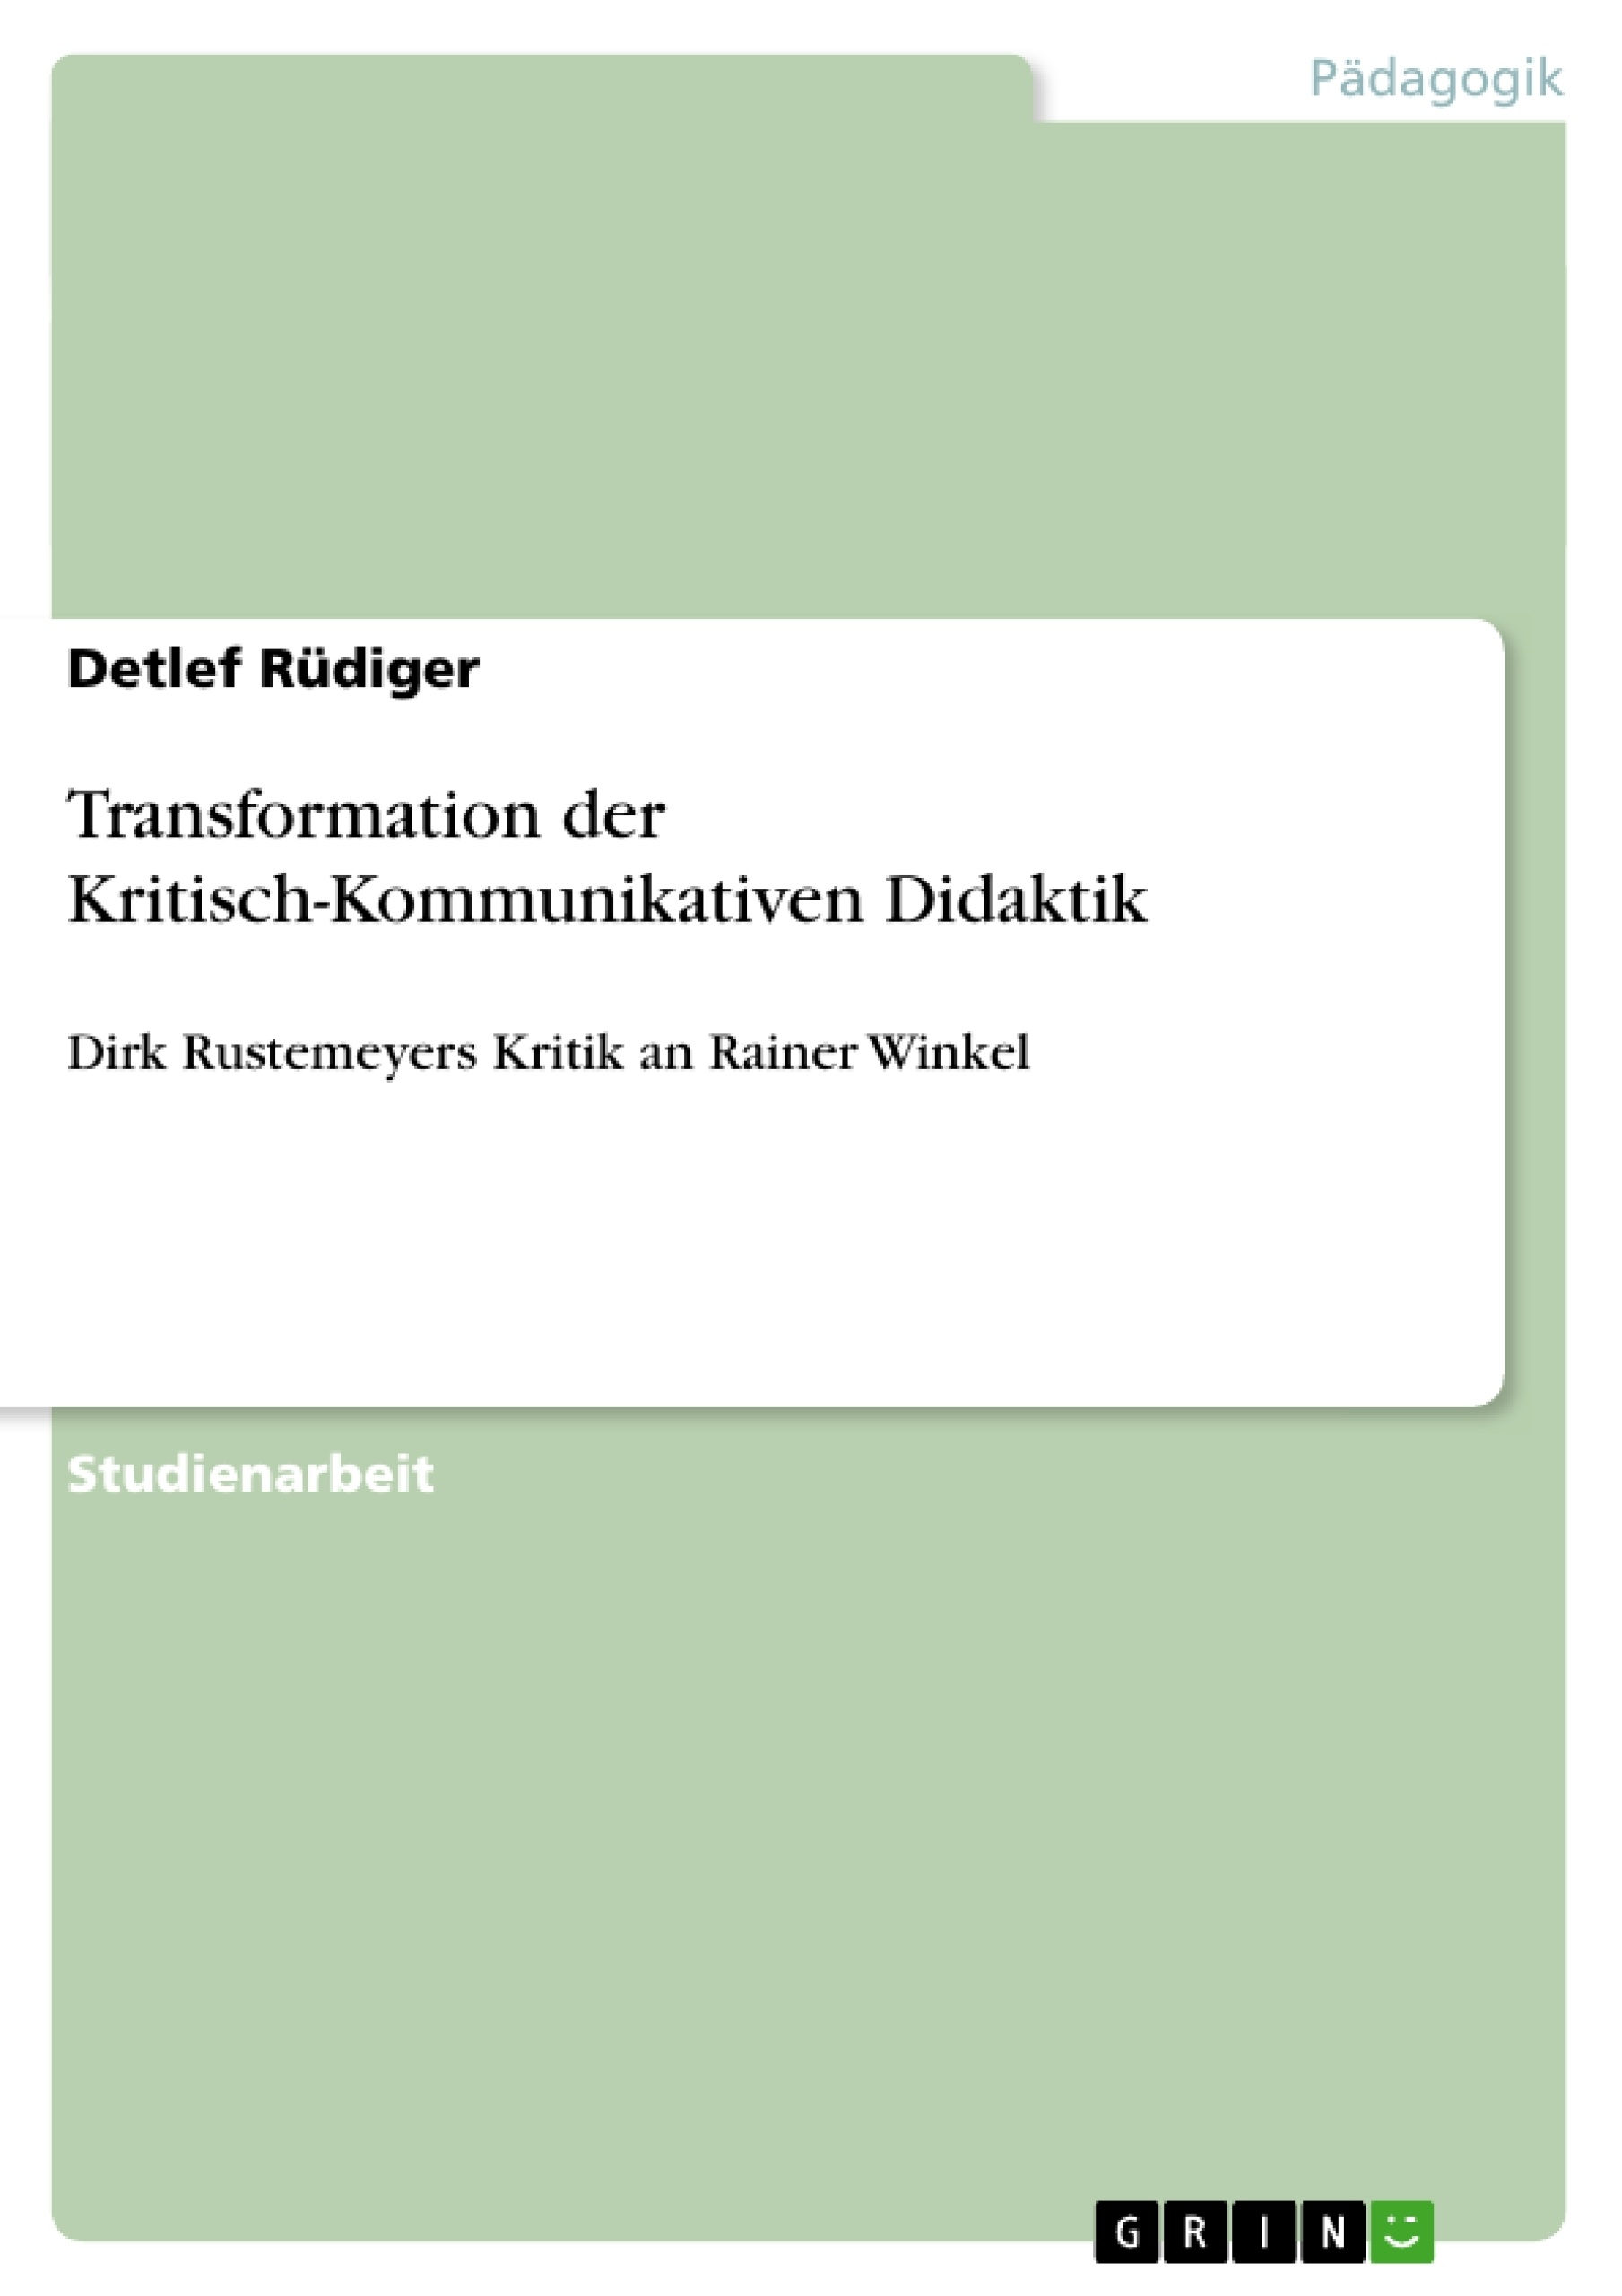 Titel: Transformation der Kritisch-Kommunikativen Didaktik